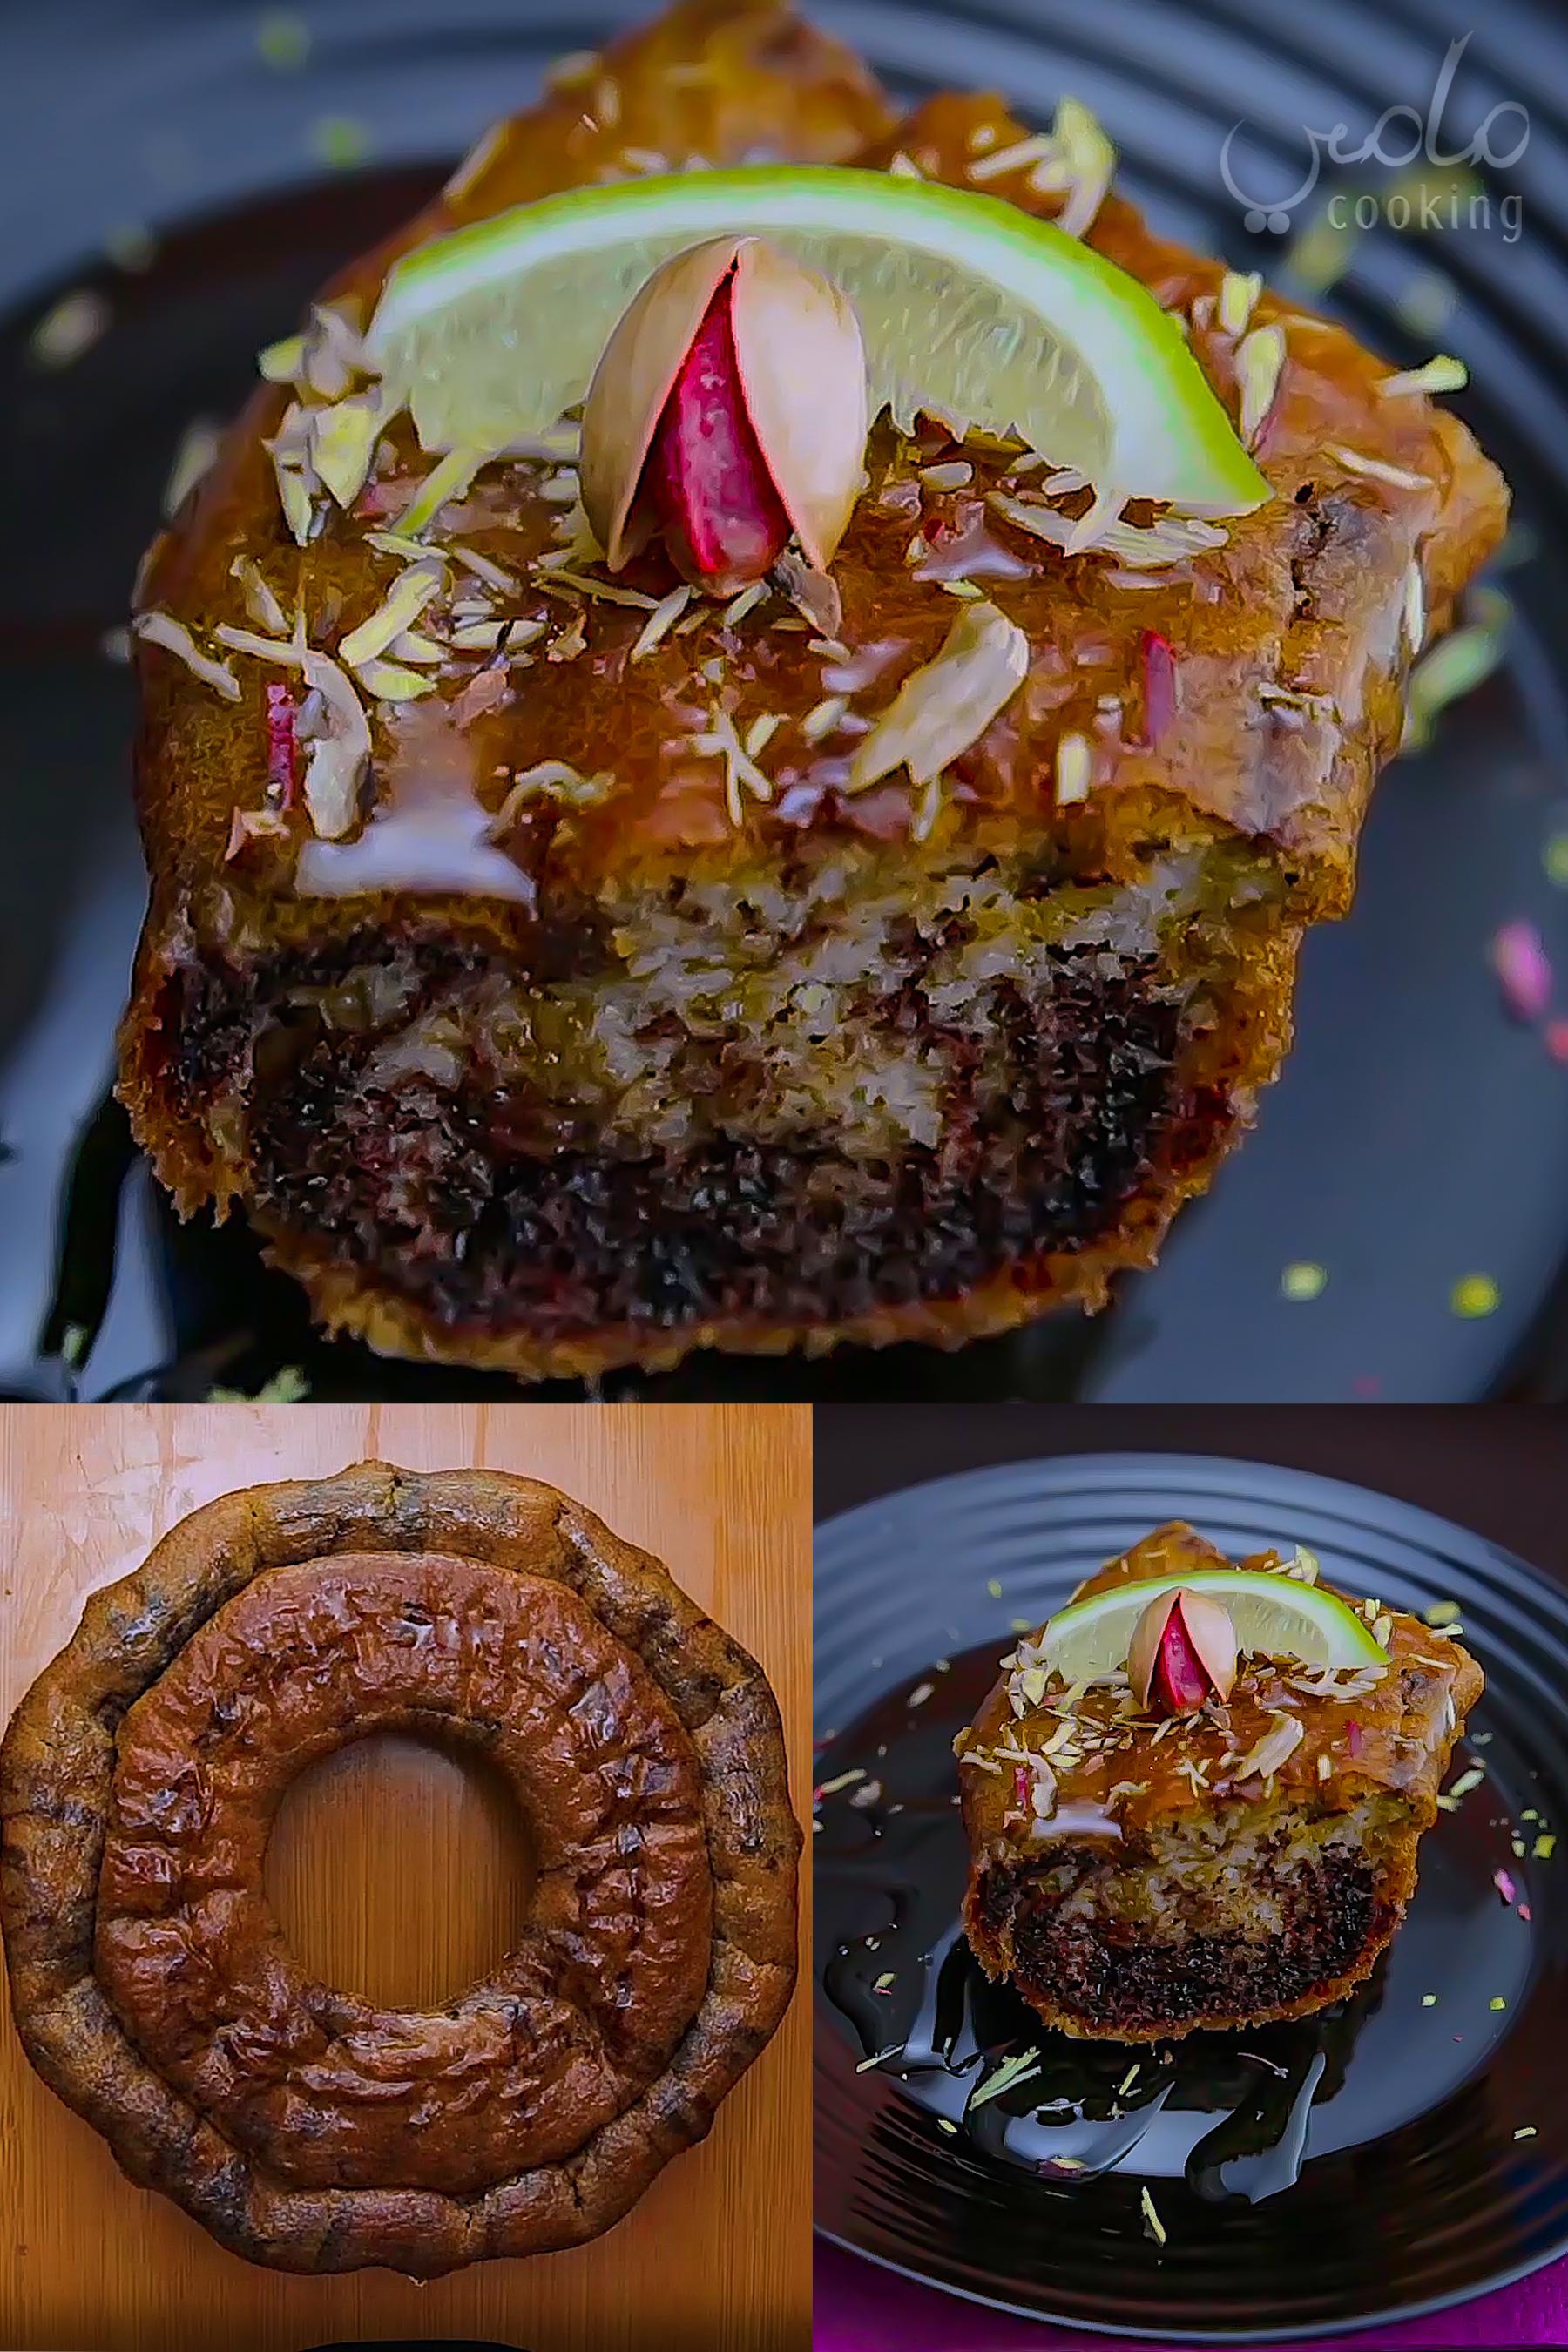 كيكة بالشكلاط عادية هشة ولذيذة بطريقة سهلة وسريعة Chocolate Cake Simple Ingredient Chocolate